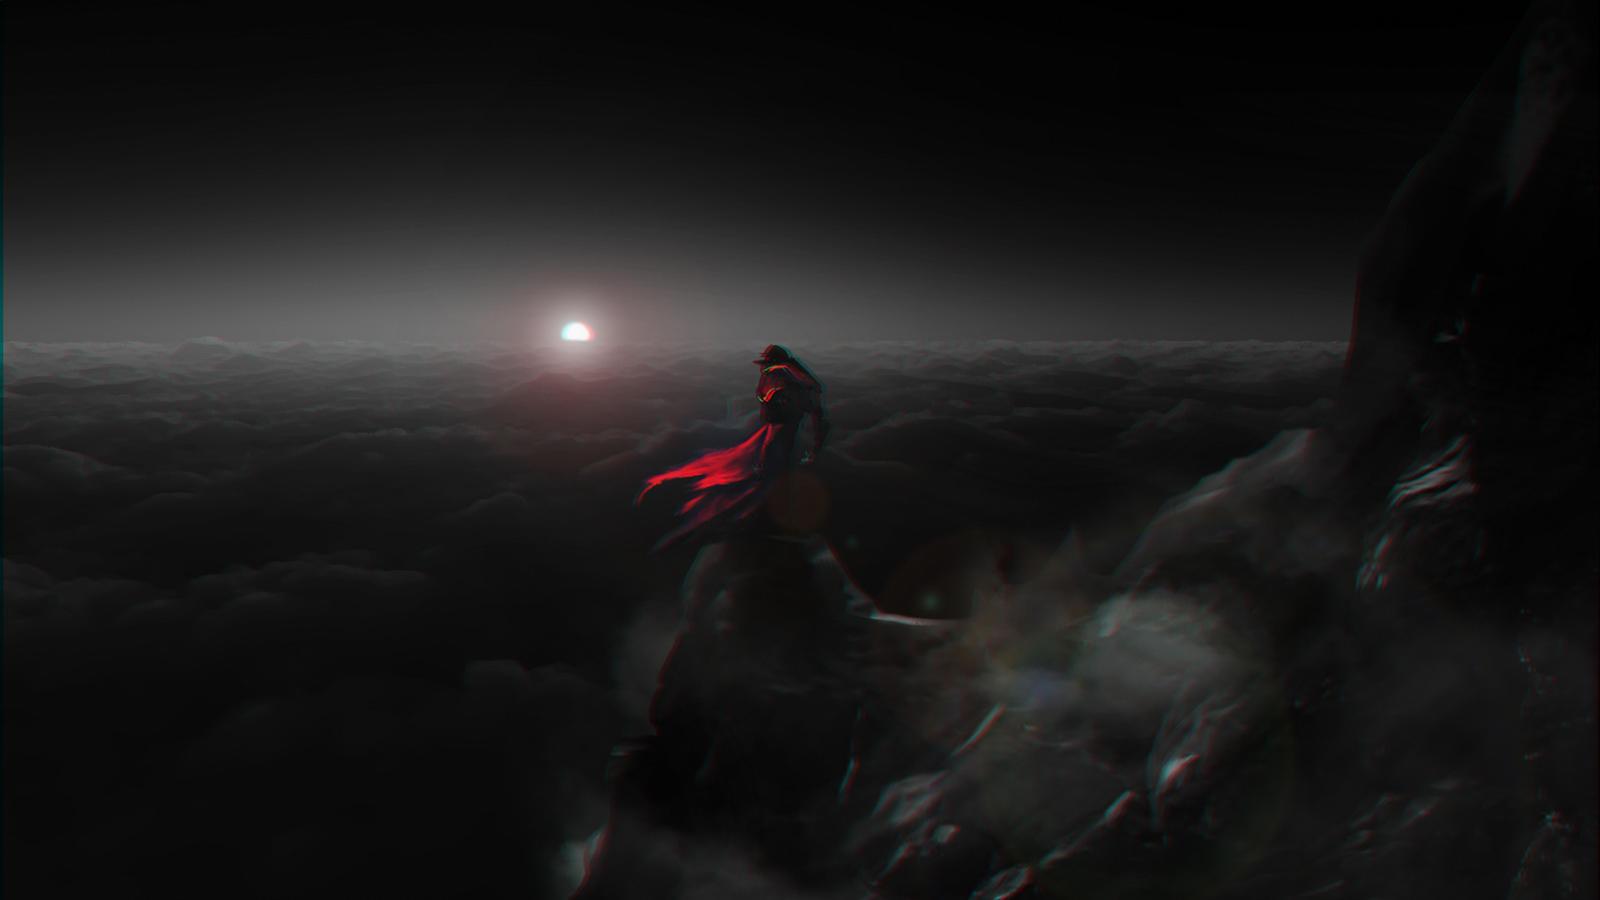 Castlevania - Dracula by aLxv1